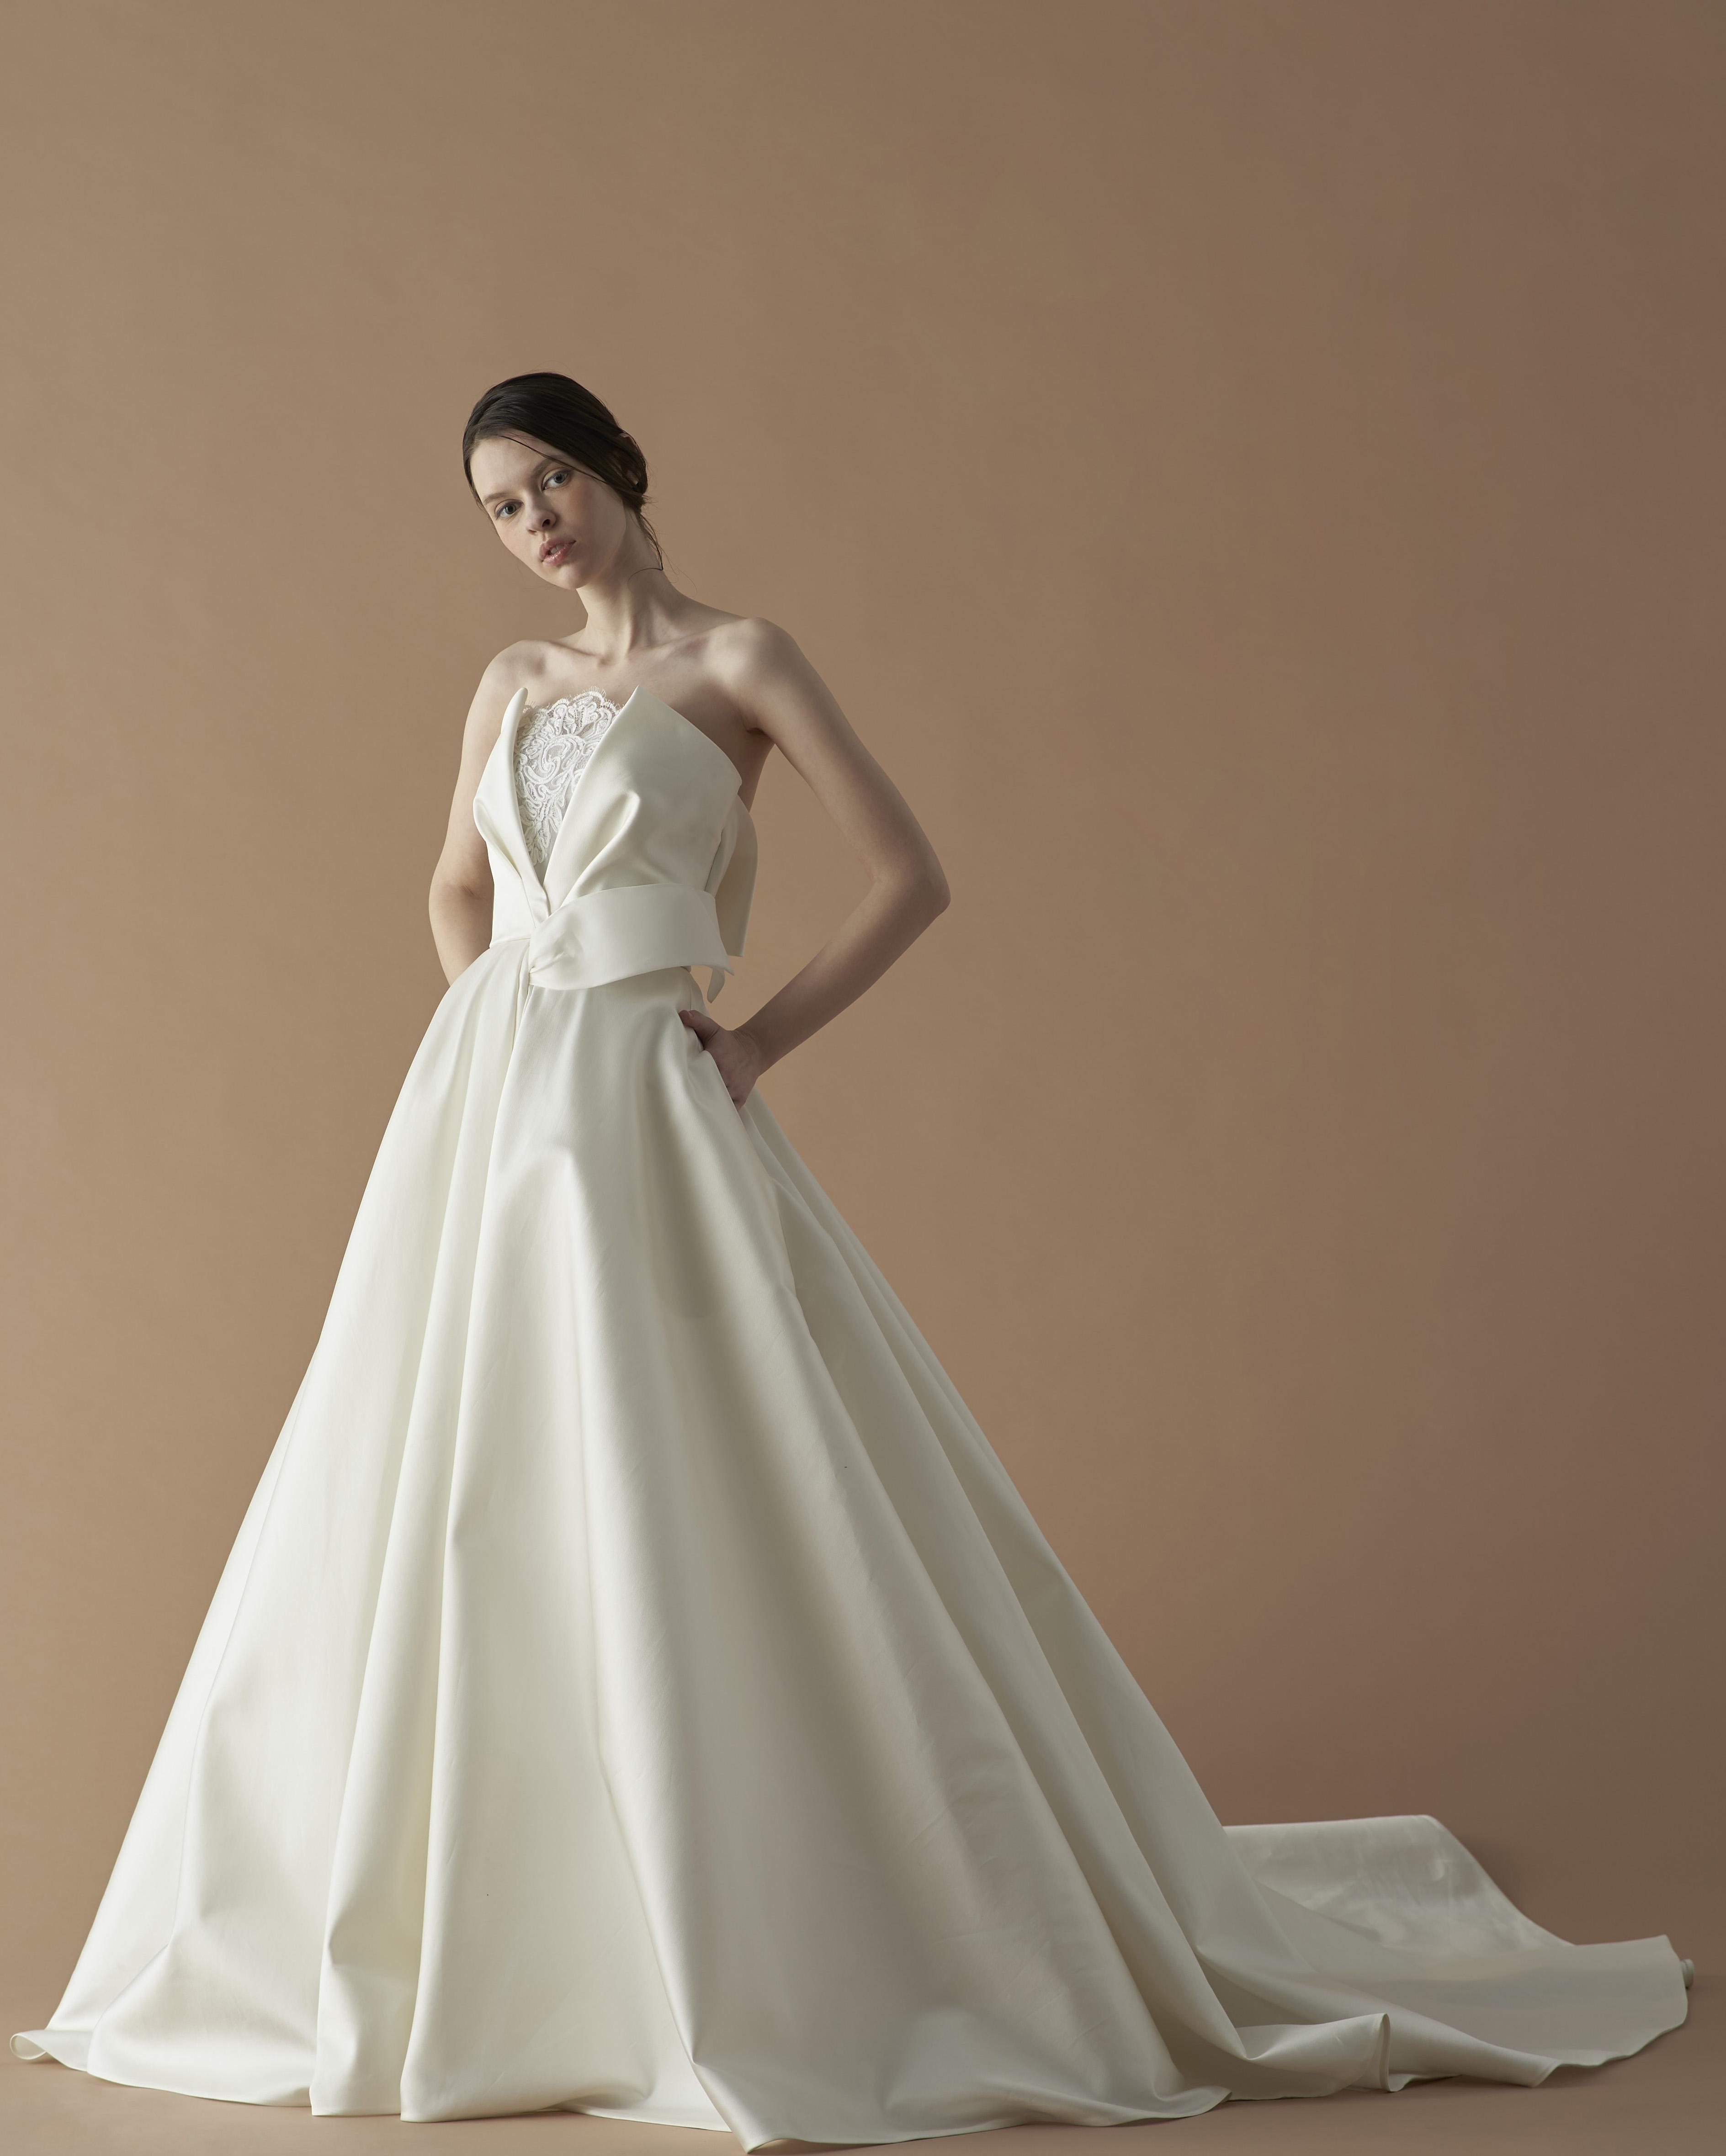 44d119d4ab4d7 人気ブランド「アントニオ・リーヴァ」のウェディングドレスが試着できる ...